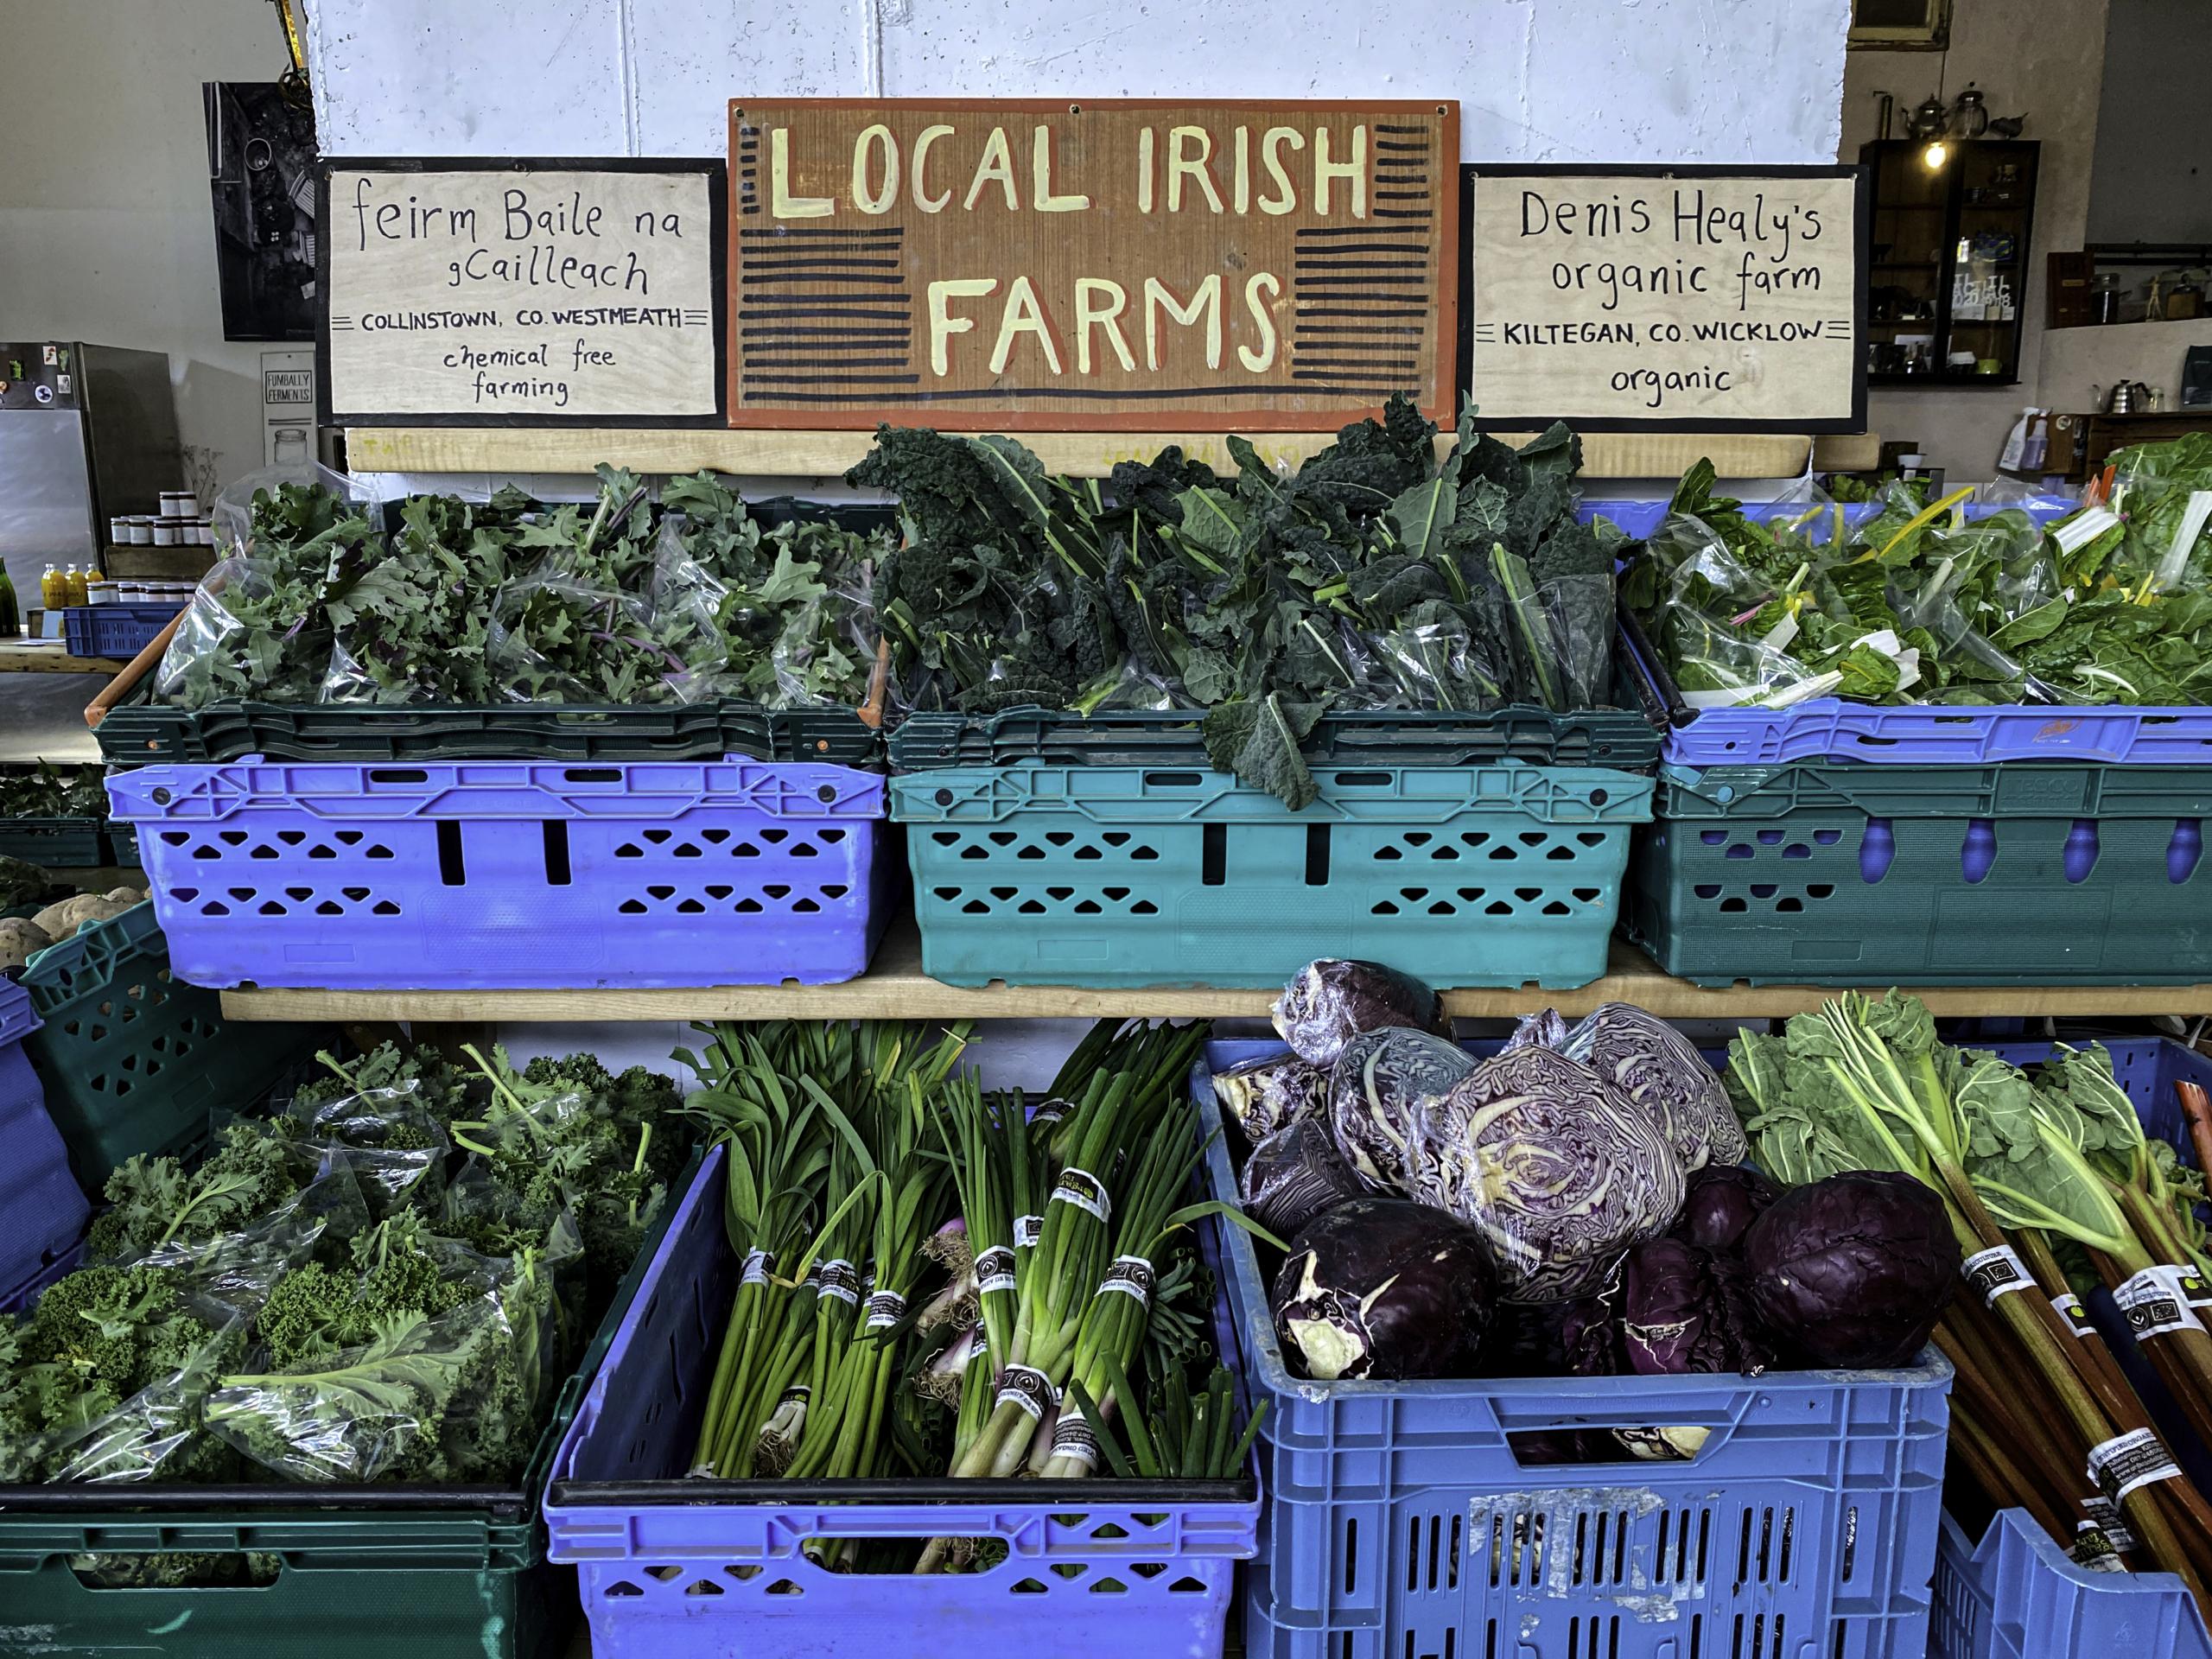 Local Irish Farm Produce